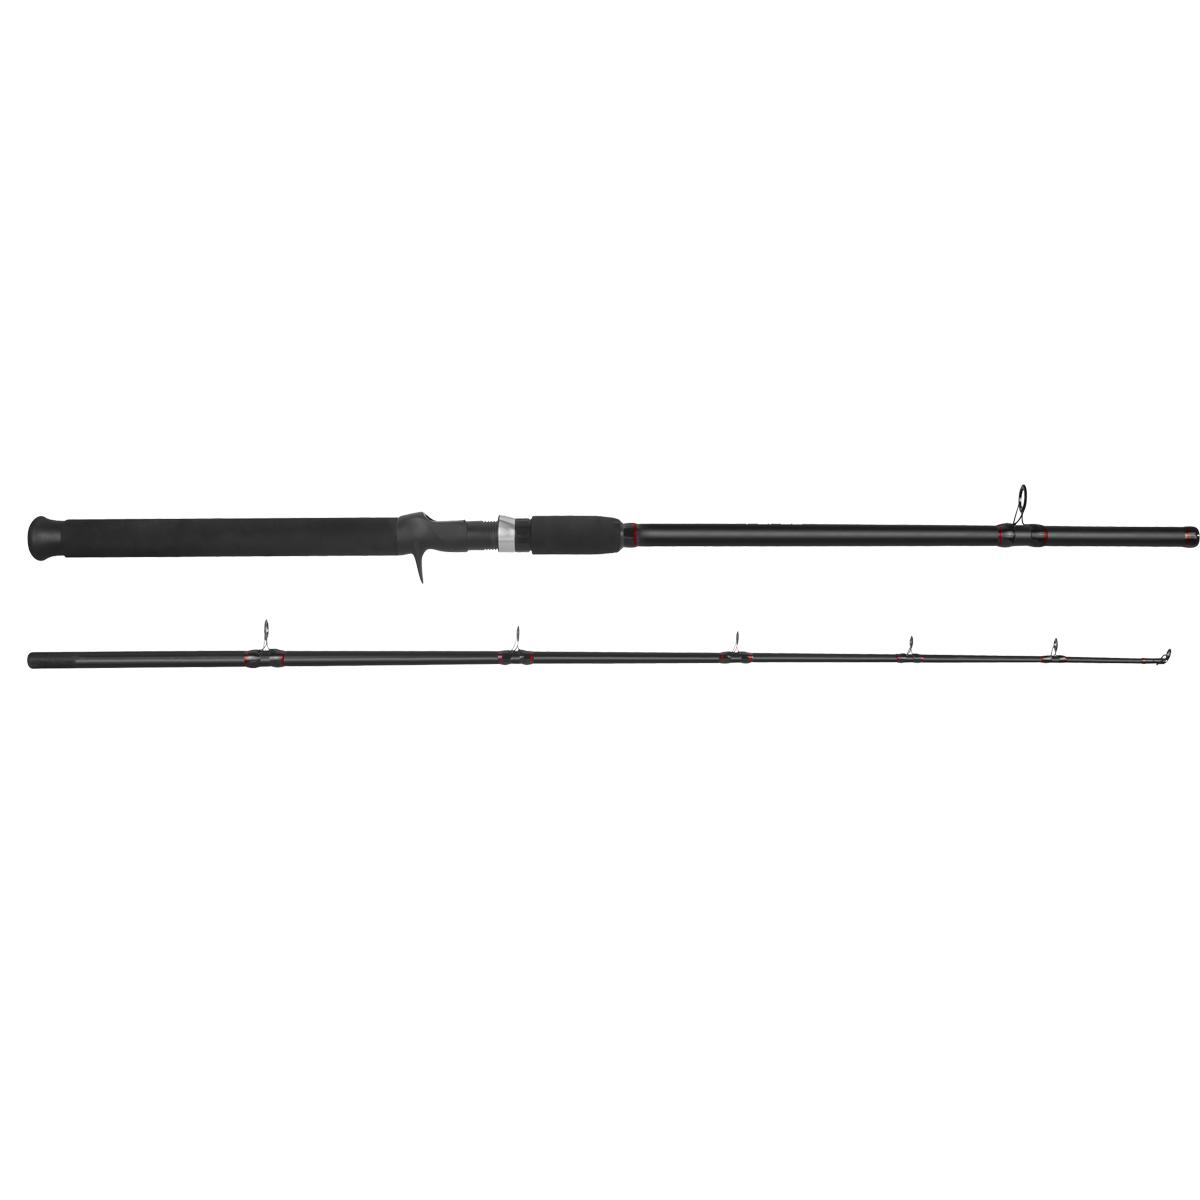 Vara Saint Force p/ Carretilha 2,40 m 50 Lbs (2 Partes)  - Pró Pesca Shop